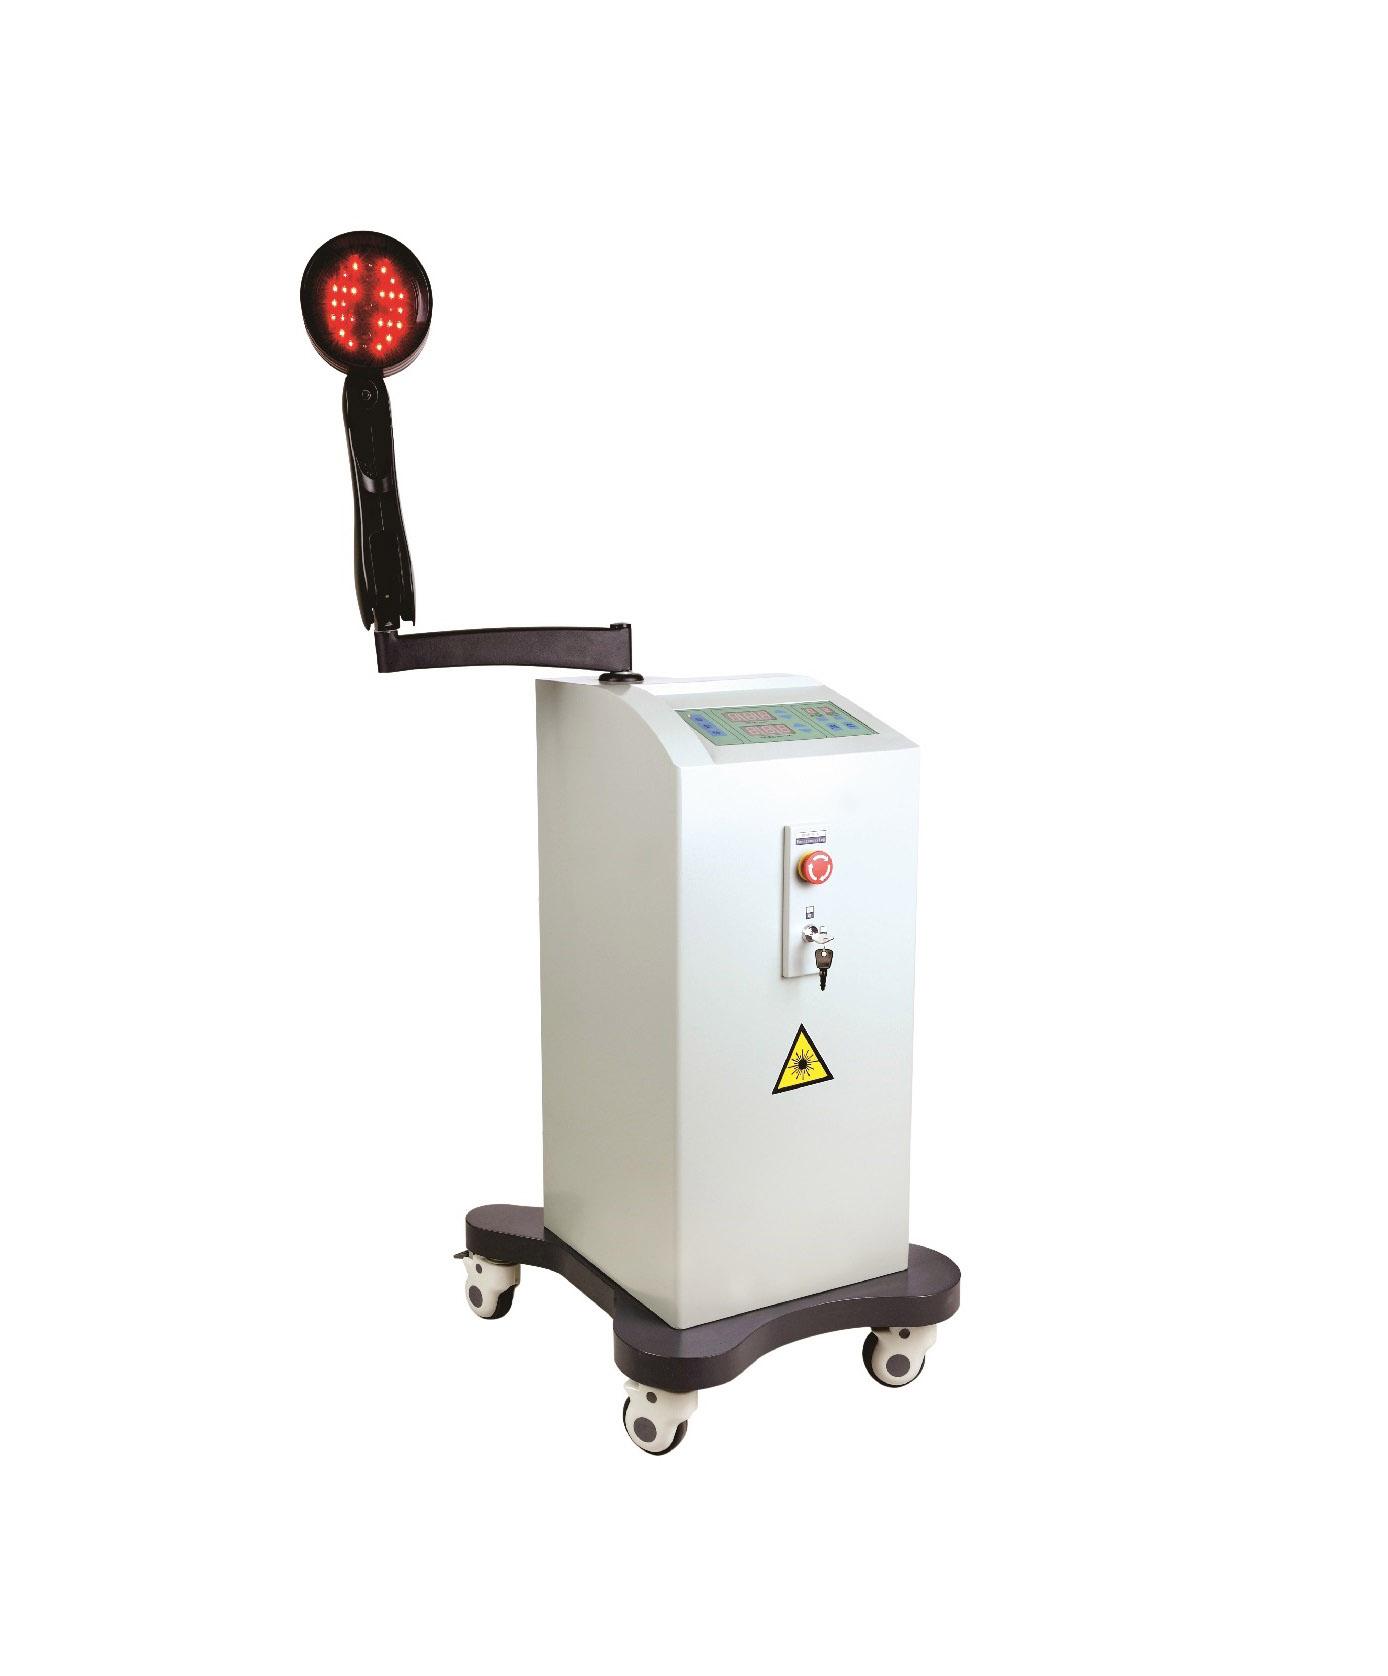 半导体激光治疗机SUNDOM-300IB/130液晶型